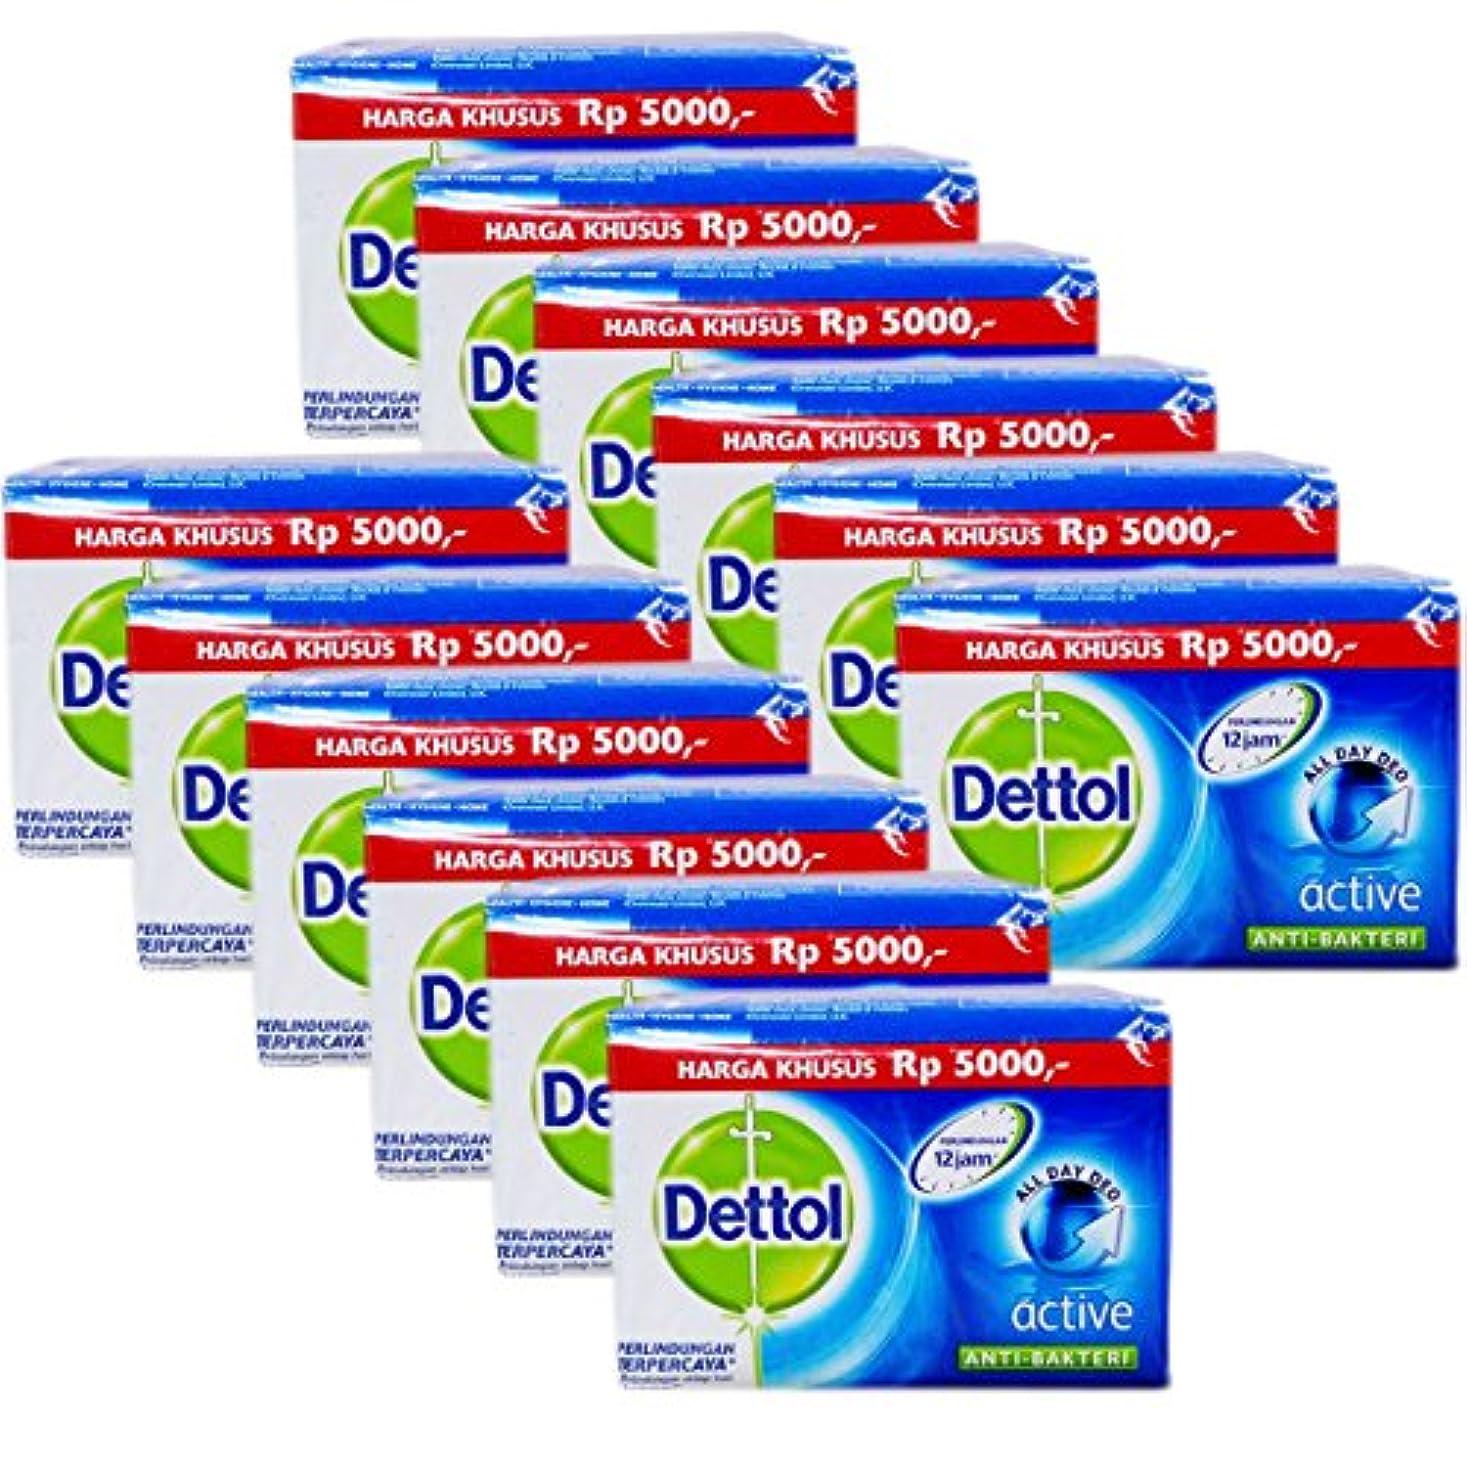 エジプト整然としたるDettol(デトール) Anti-Bacterial Hand and Body Bar Soap, Active, 110 Gr / 3.88 Oz (12個セット)